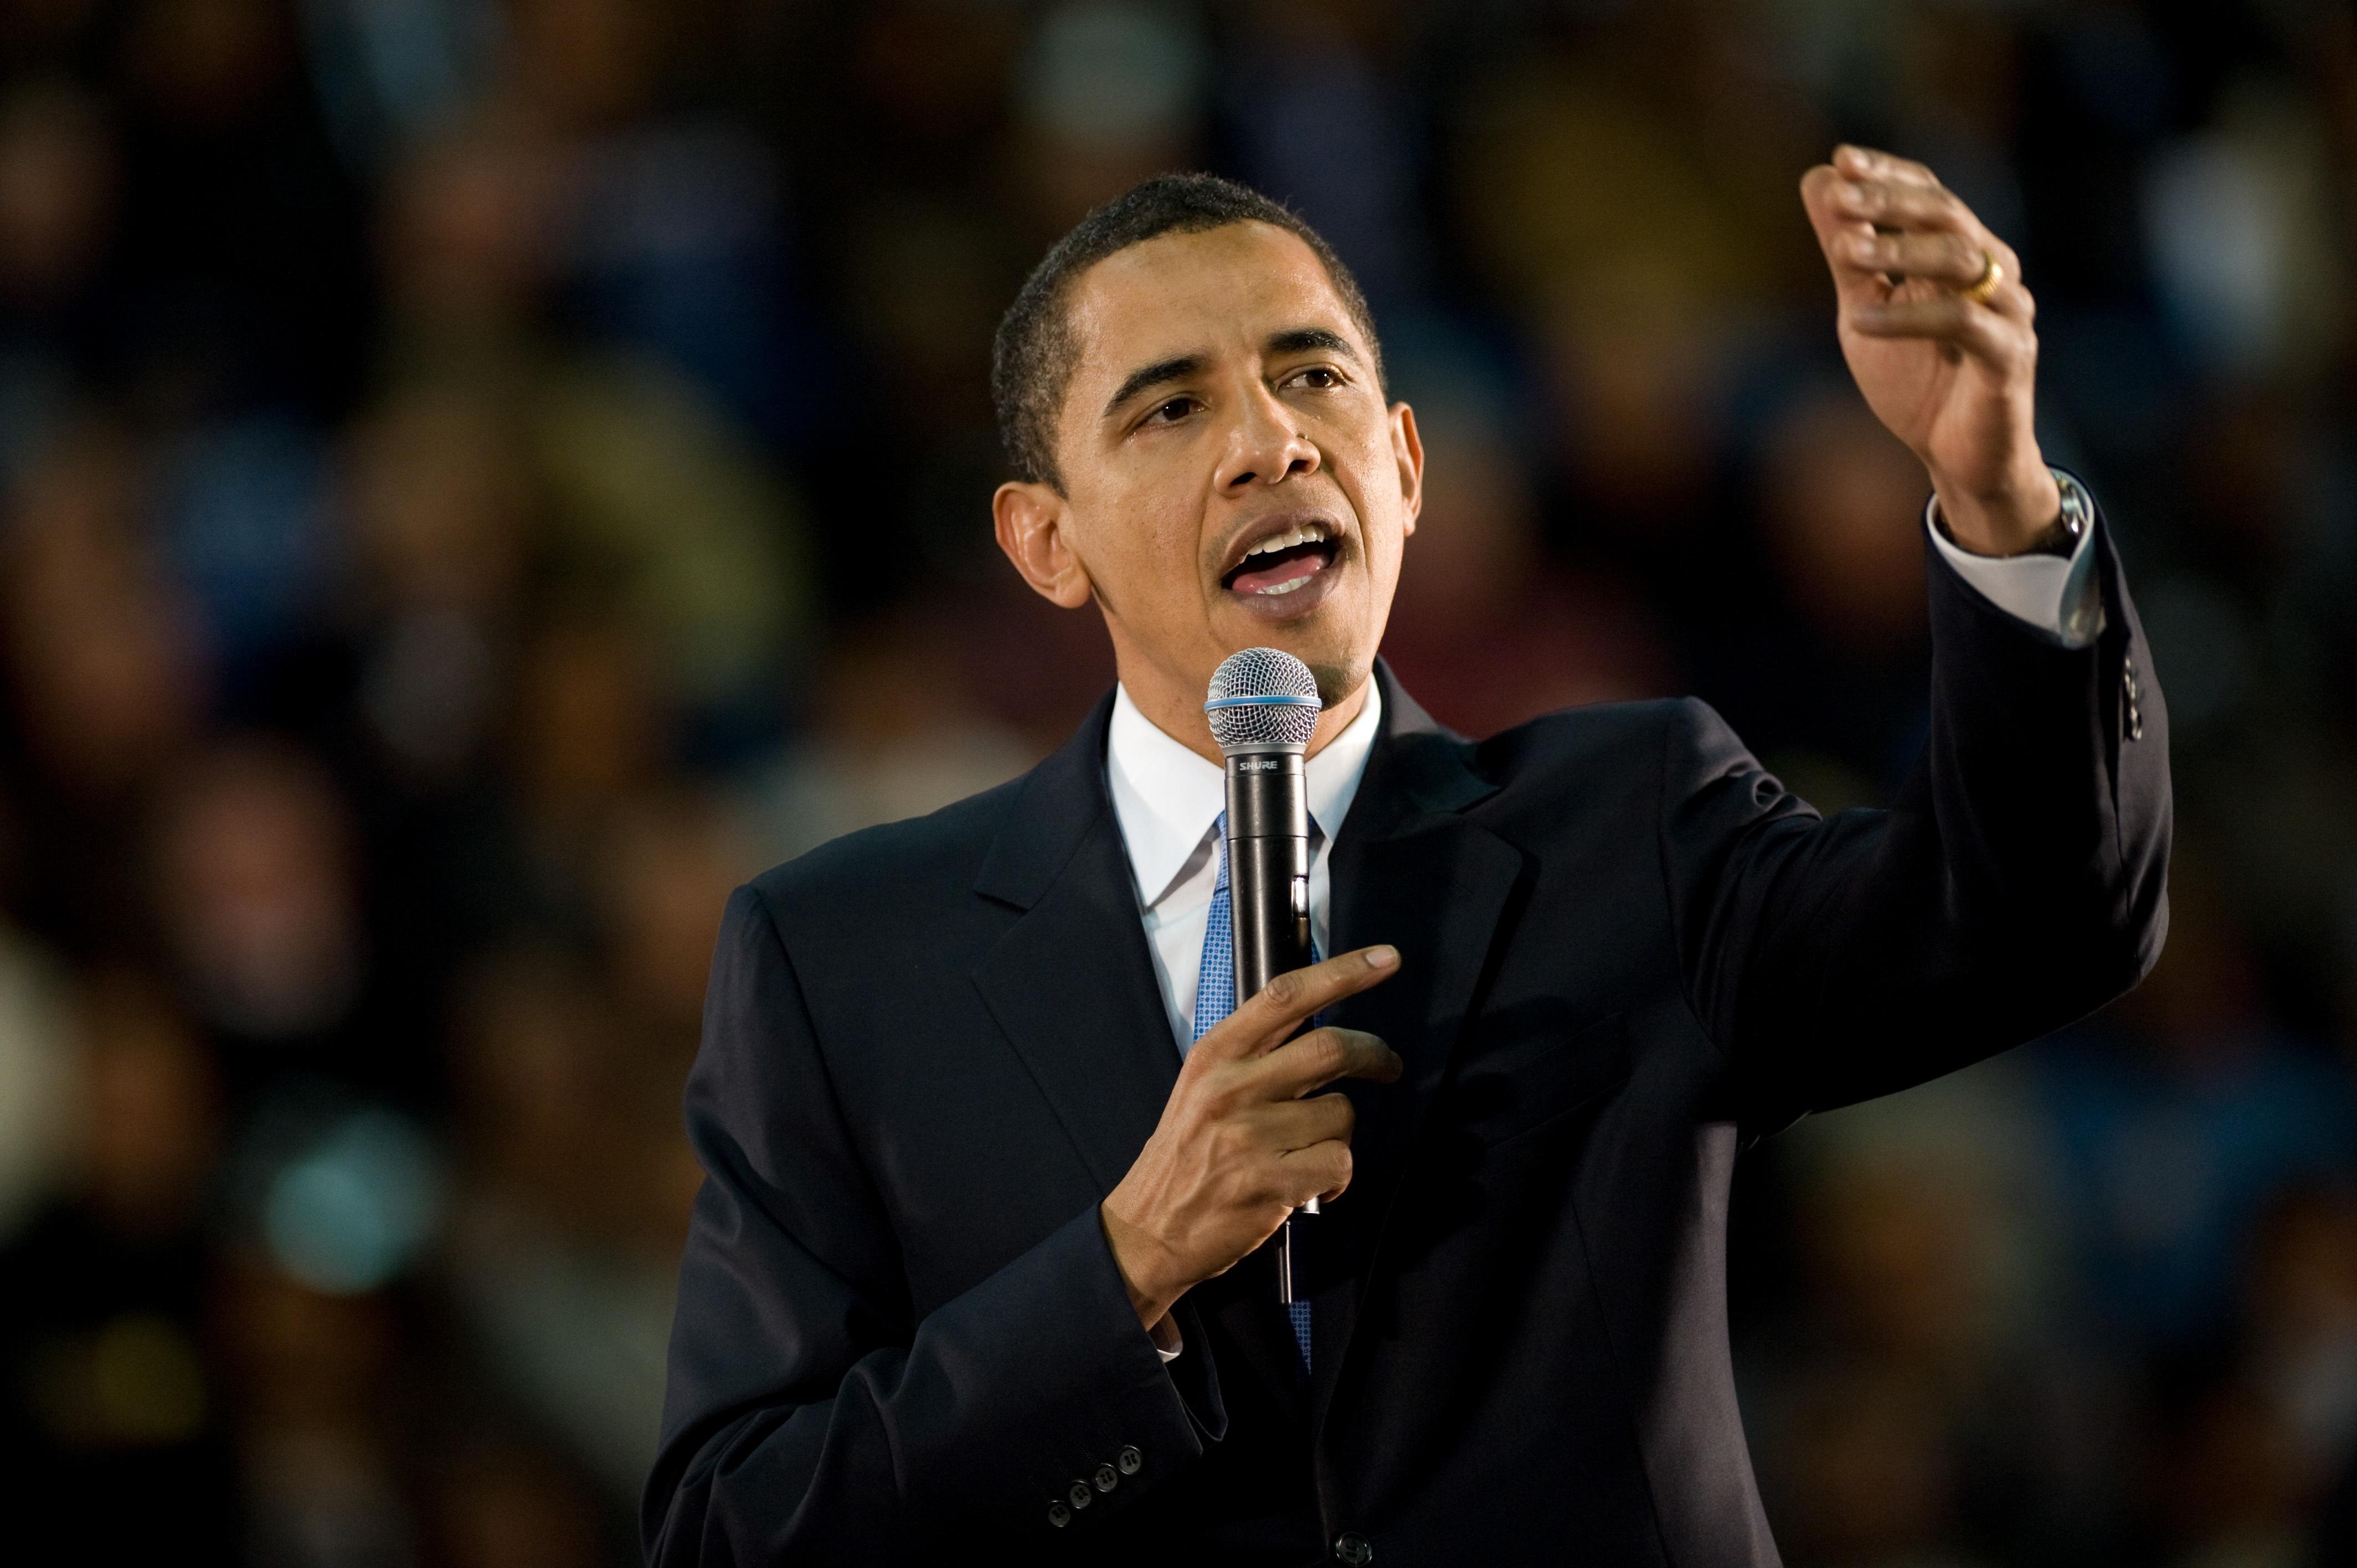 演説をするオバマ元米大統領